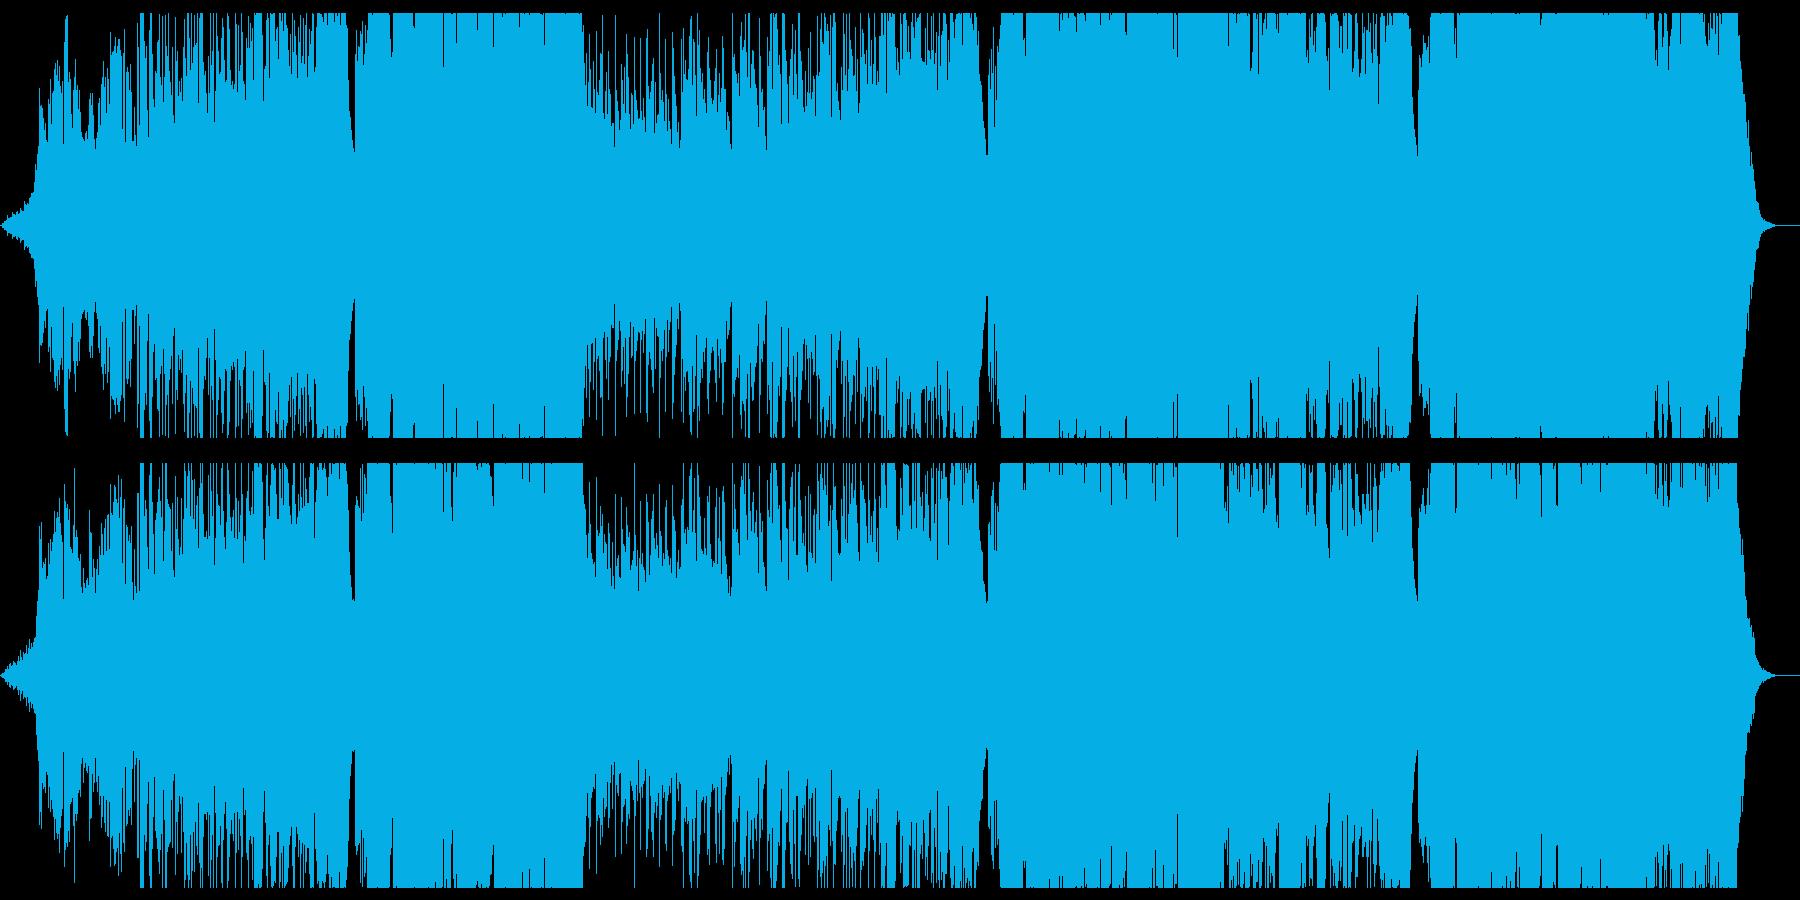 和風バラードの切ない女性ボーカル曲の再生済みの波形